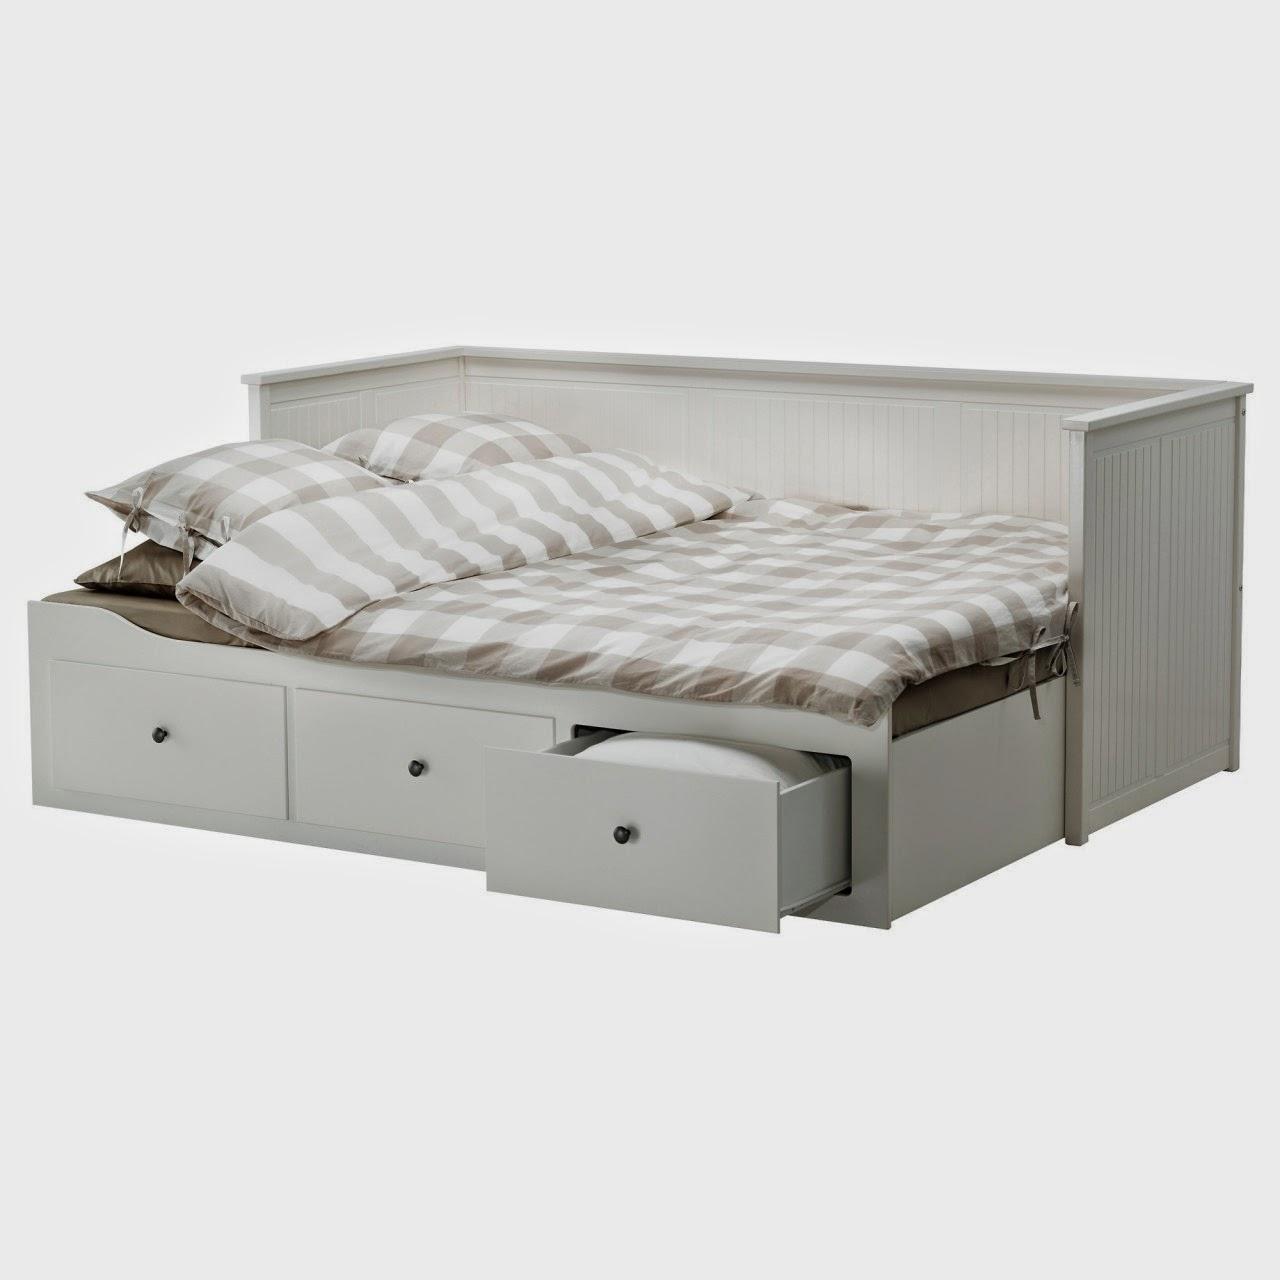 ikea hemnes bedroom design digsdigs bedroom daybed ideas hemnes